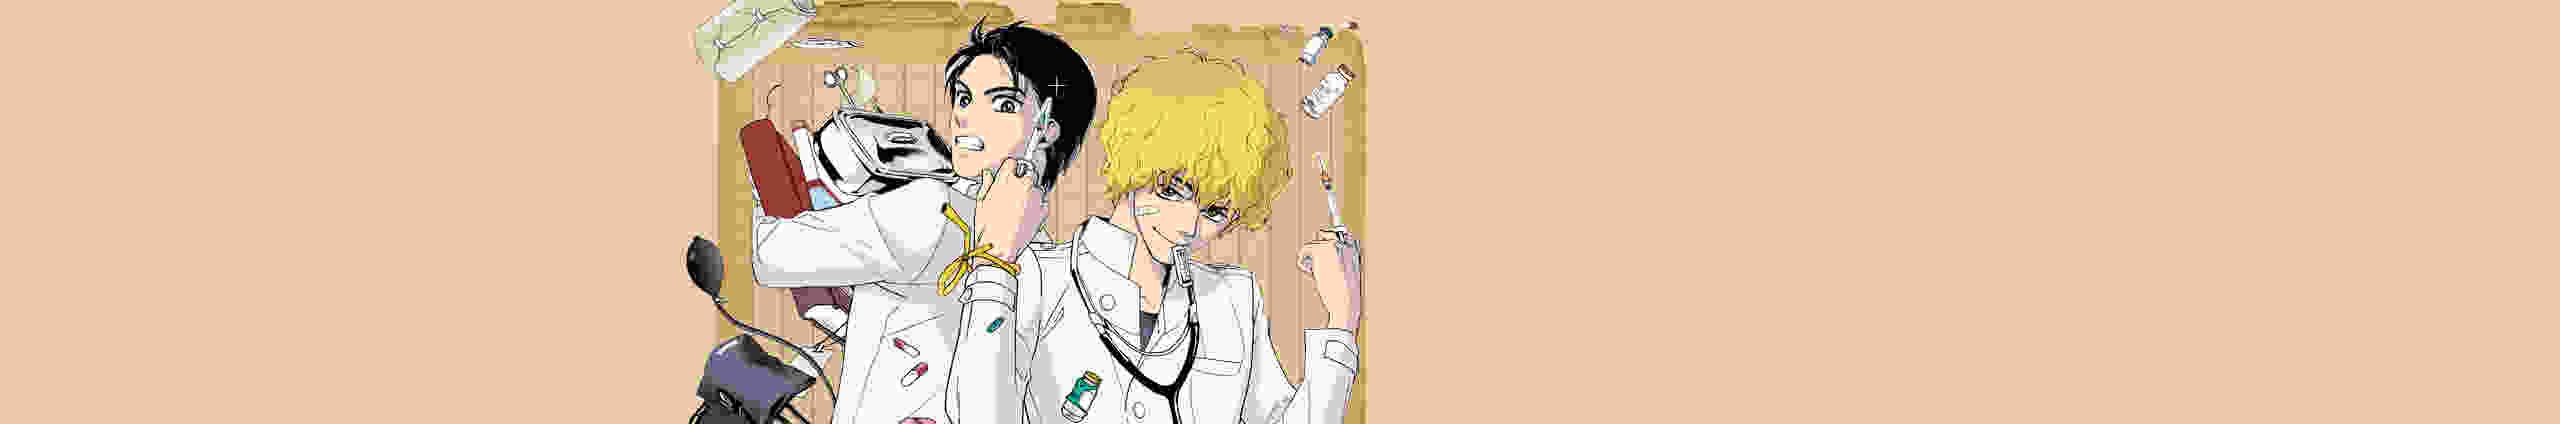 นักรบบุรุษพยาบาล